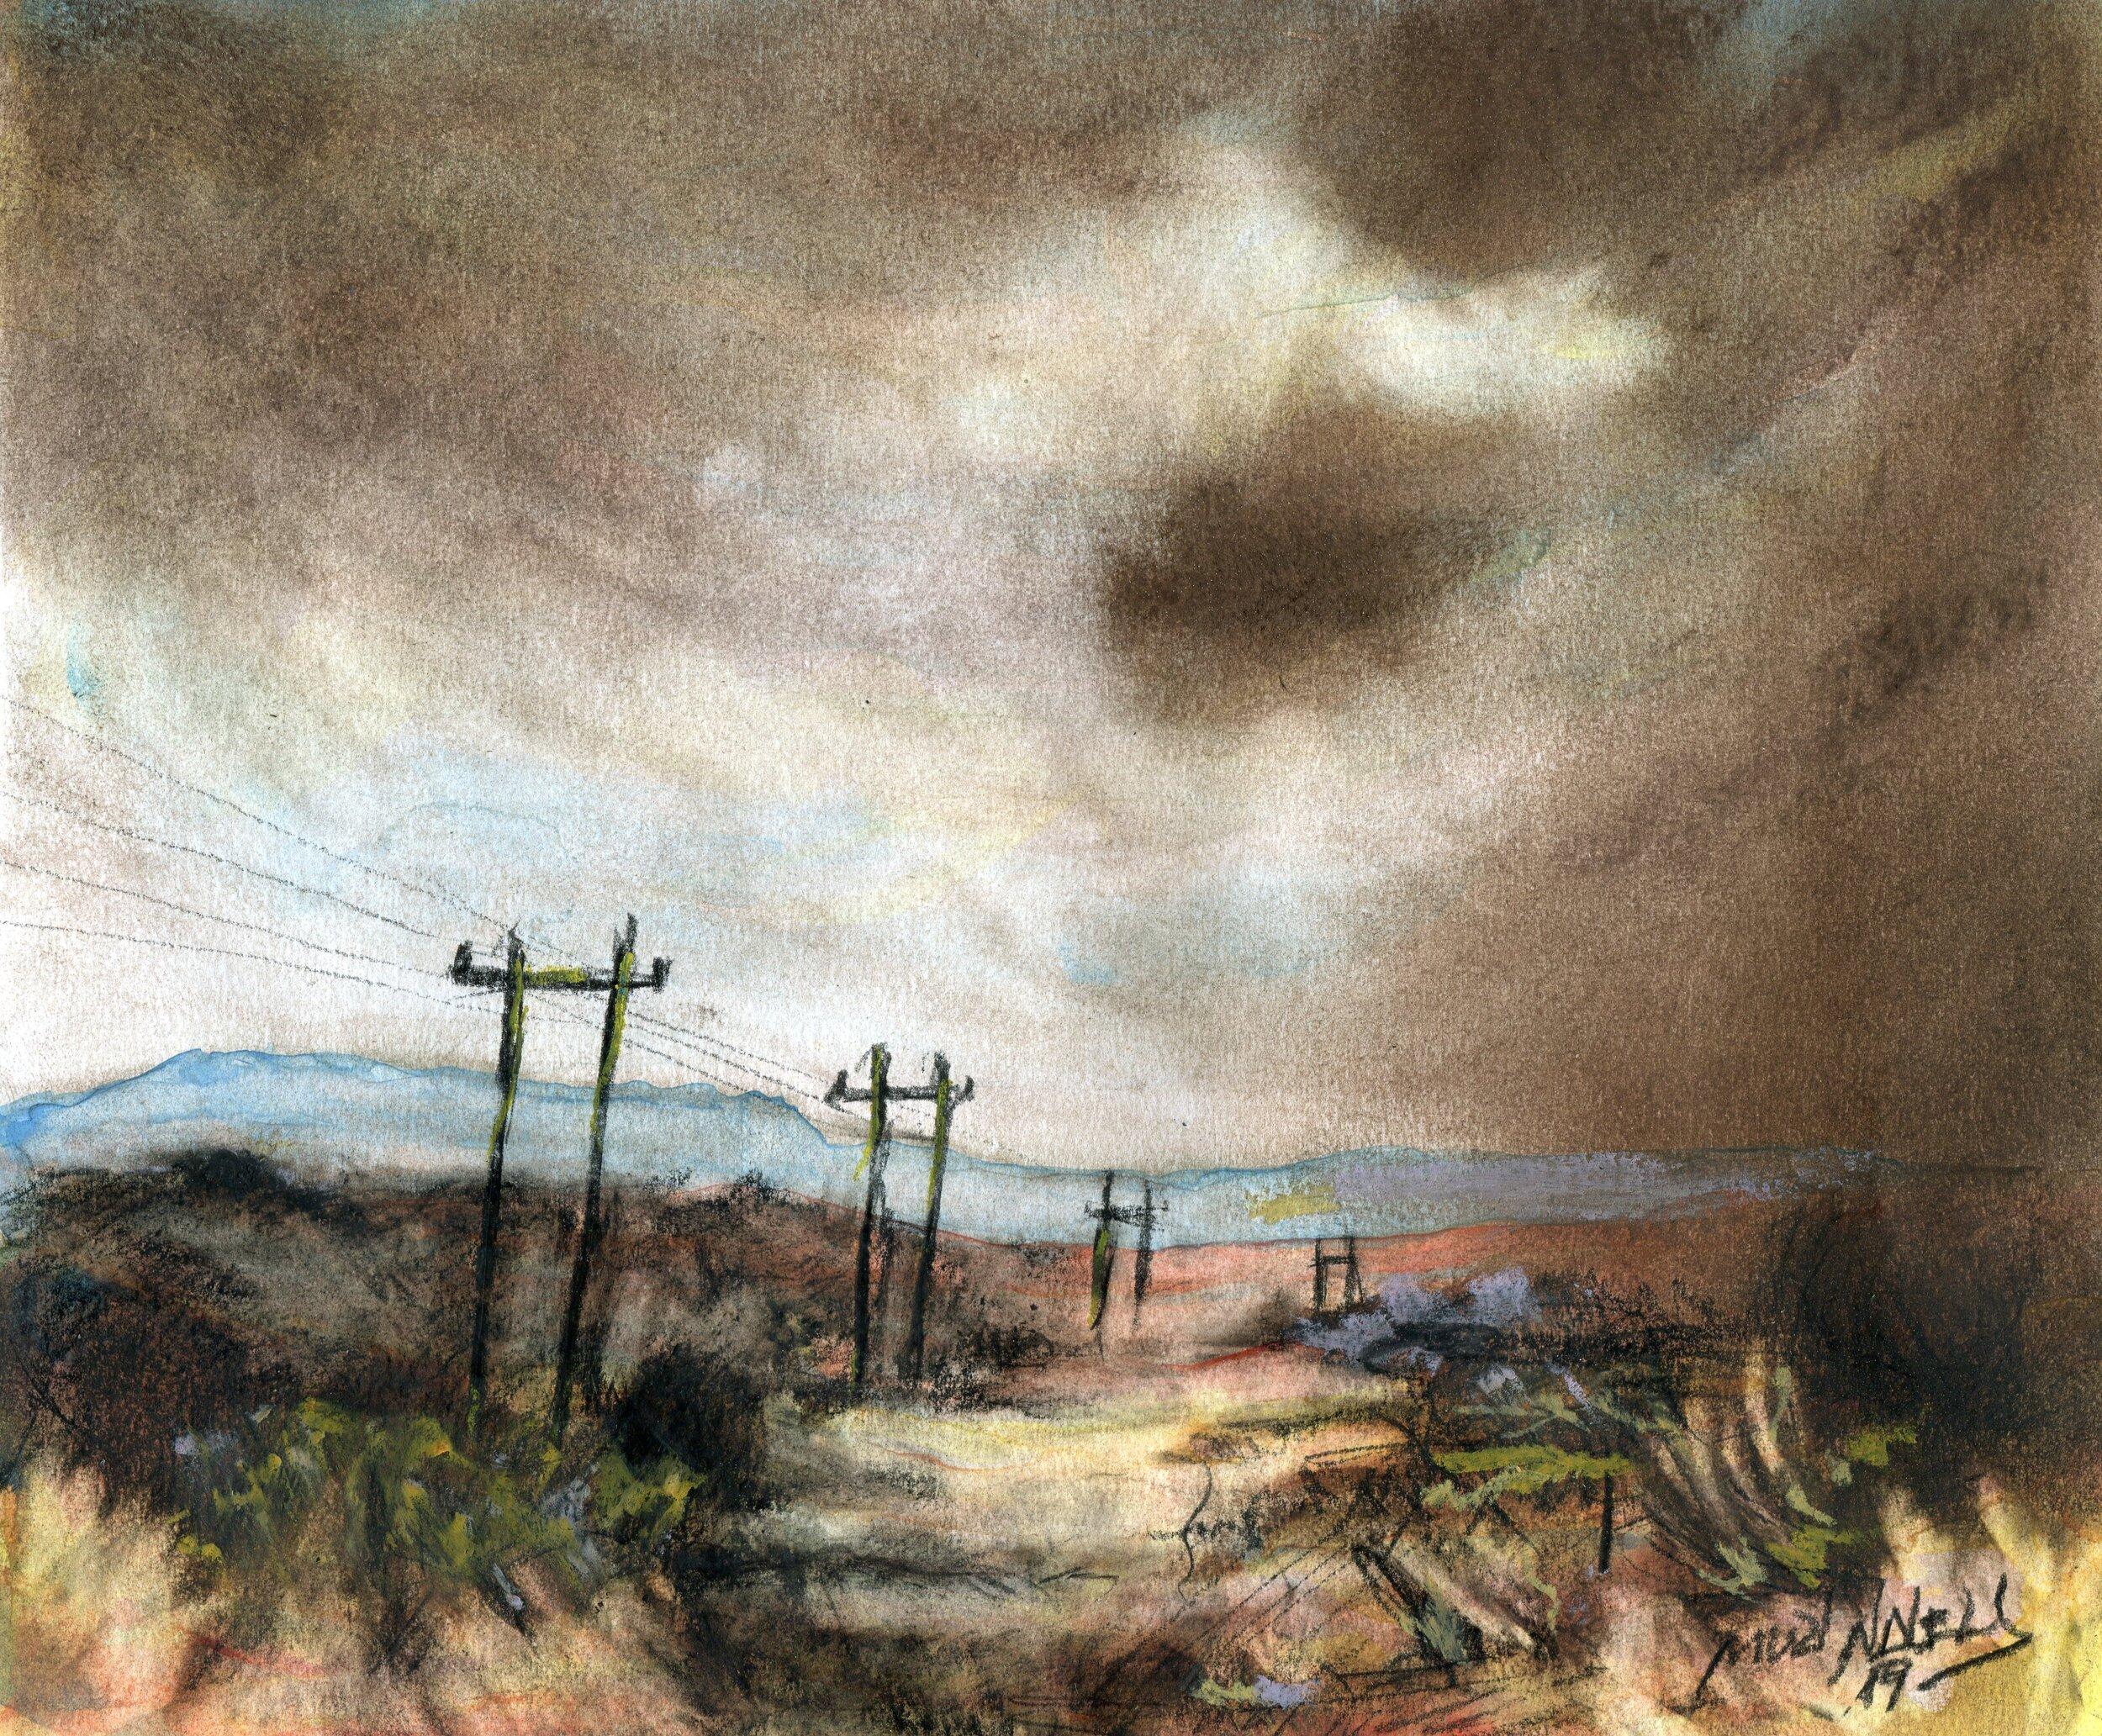 46b  Muzi Ndlela  Vacant land  pastel and charcoal on paper